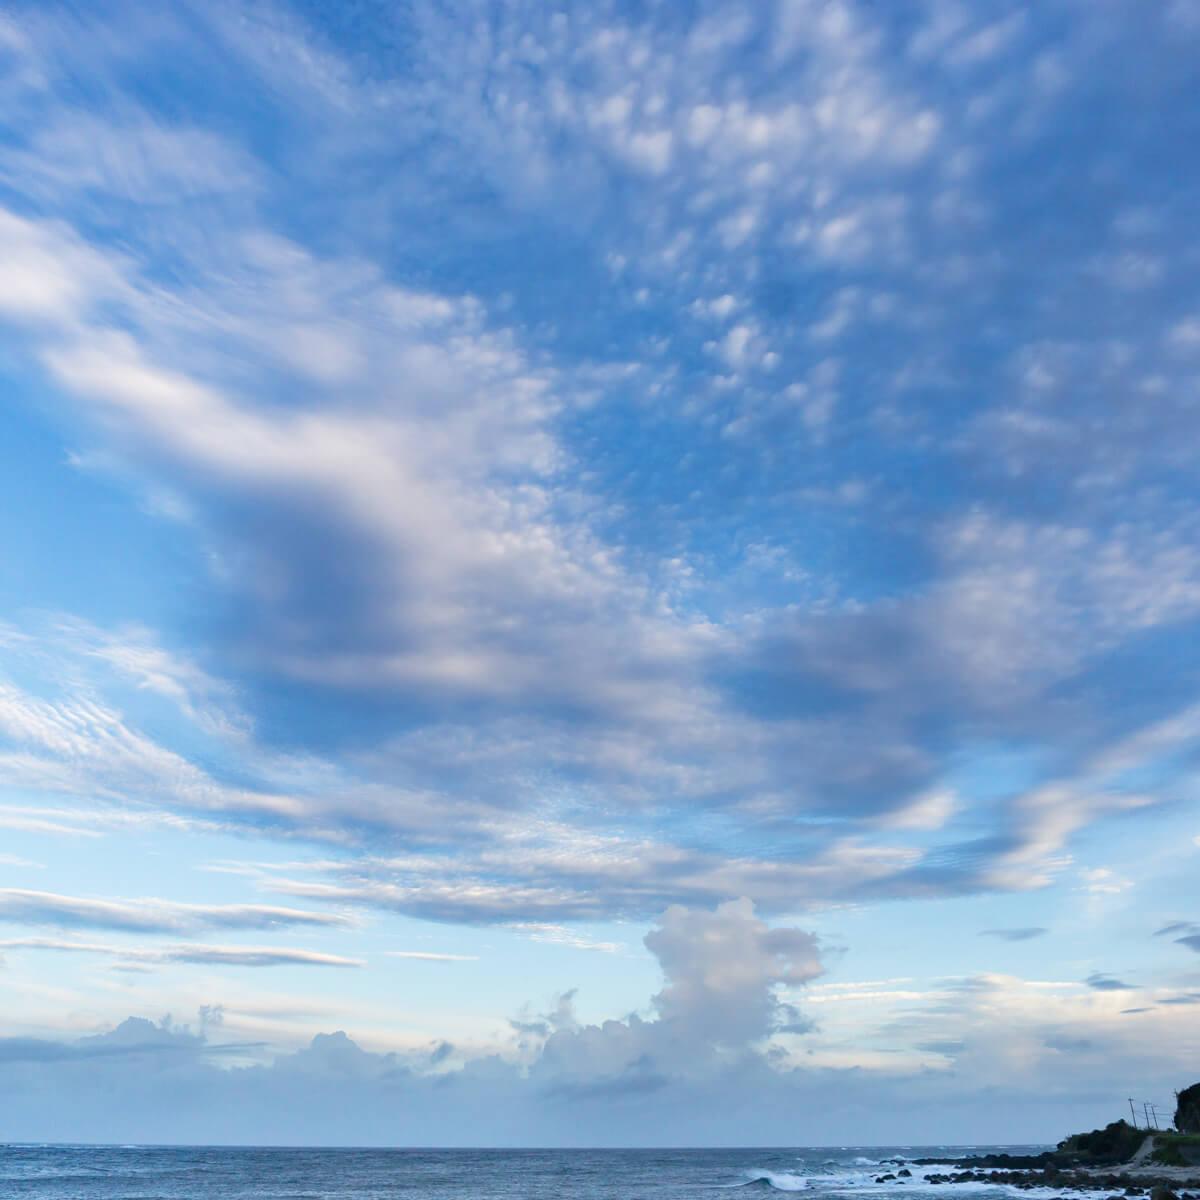 屋久島の海、空 屋久島海とジュエリー オーダーメイドマリッッジリングのモチーフ